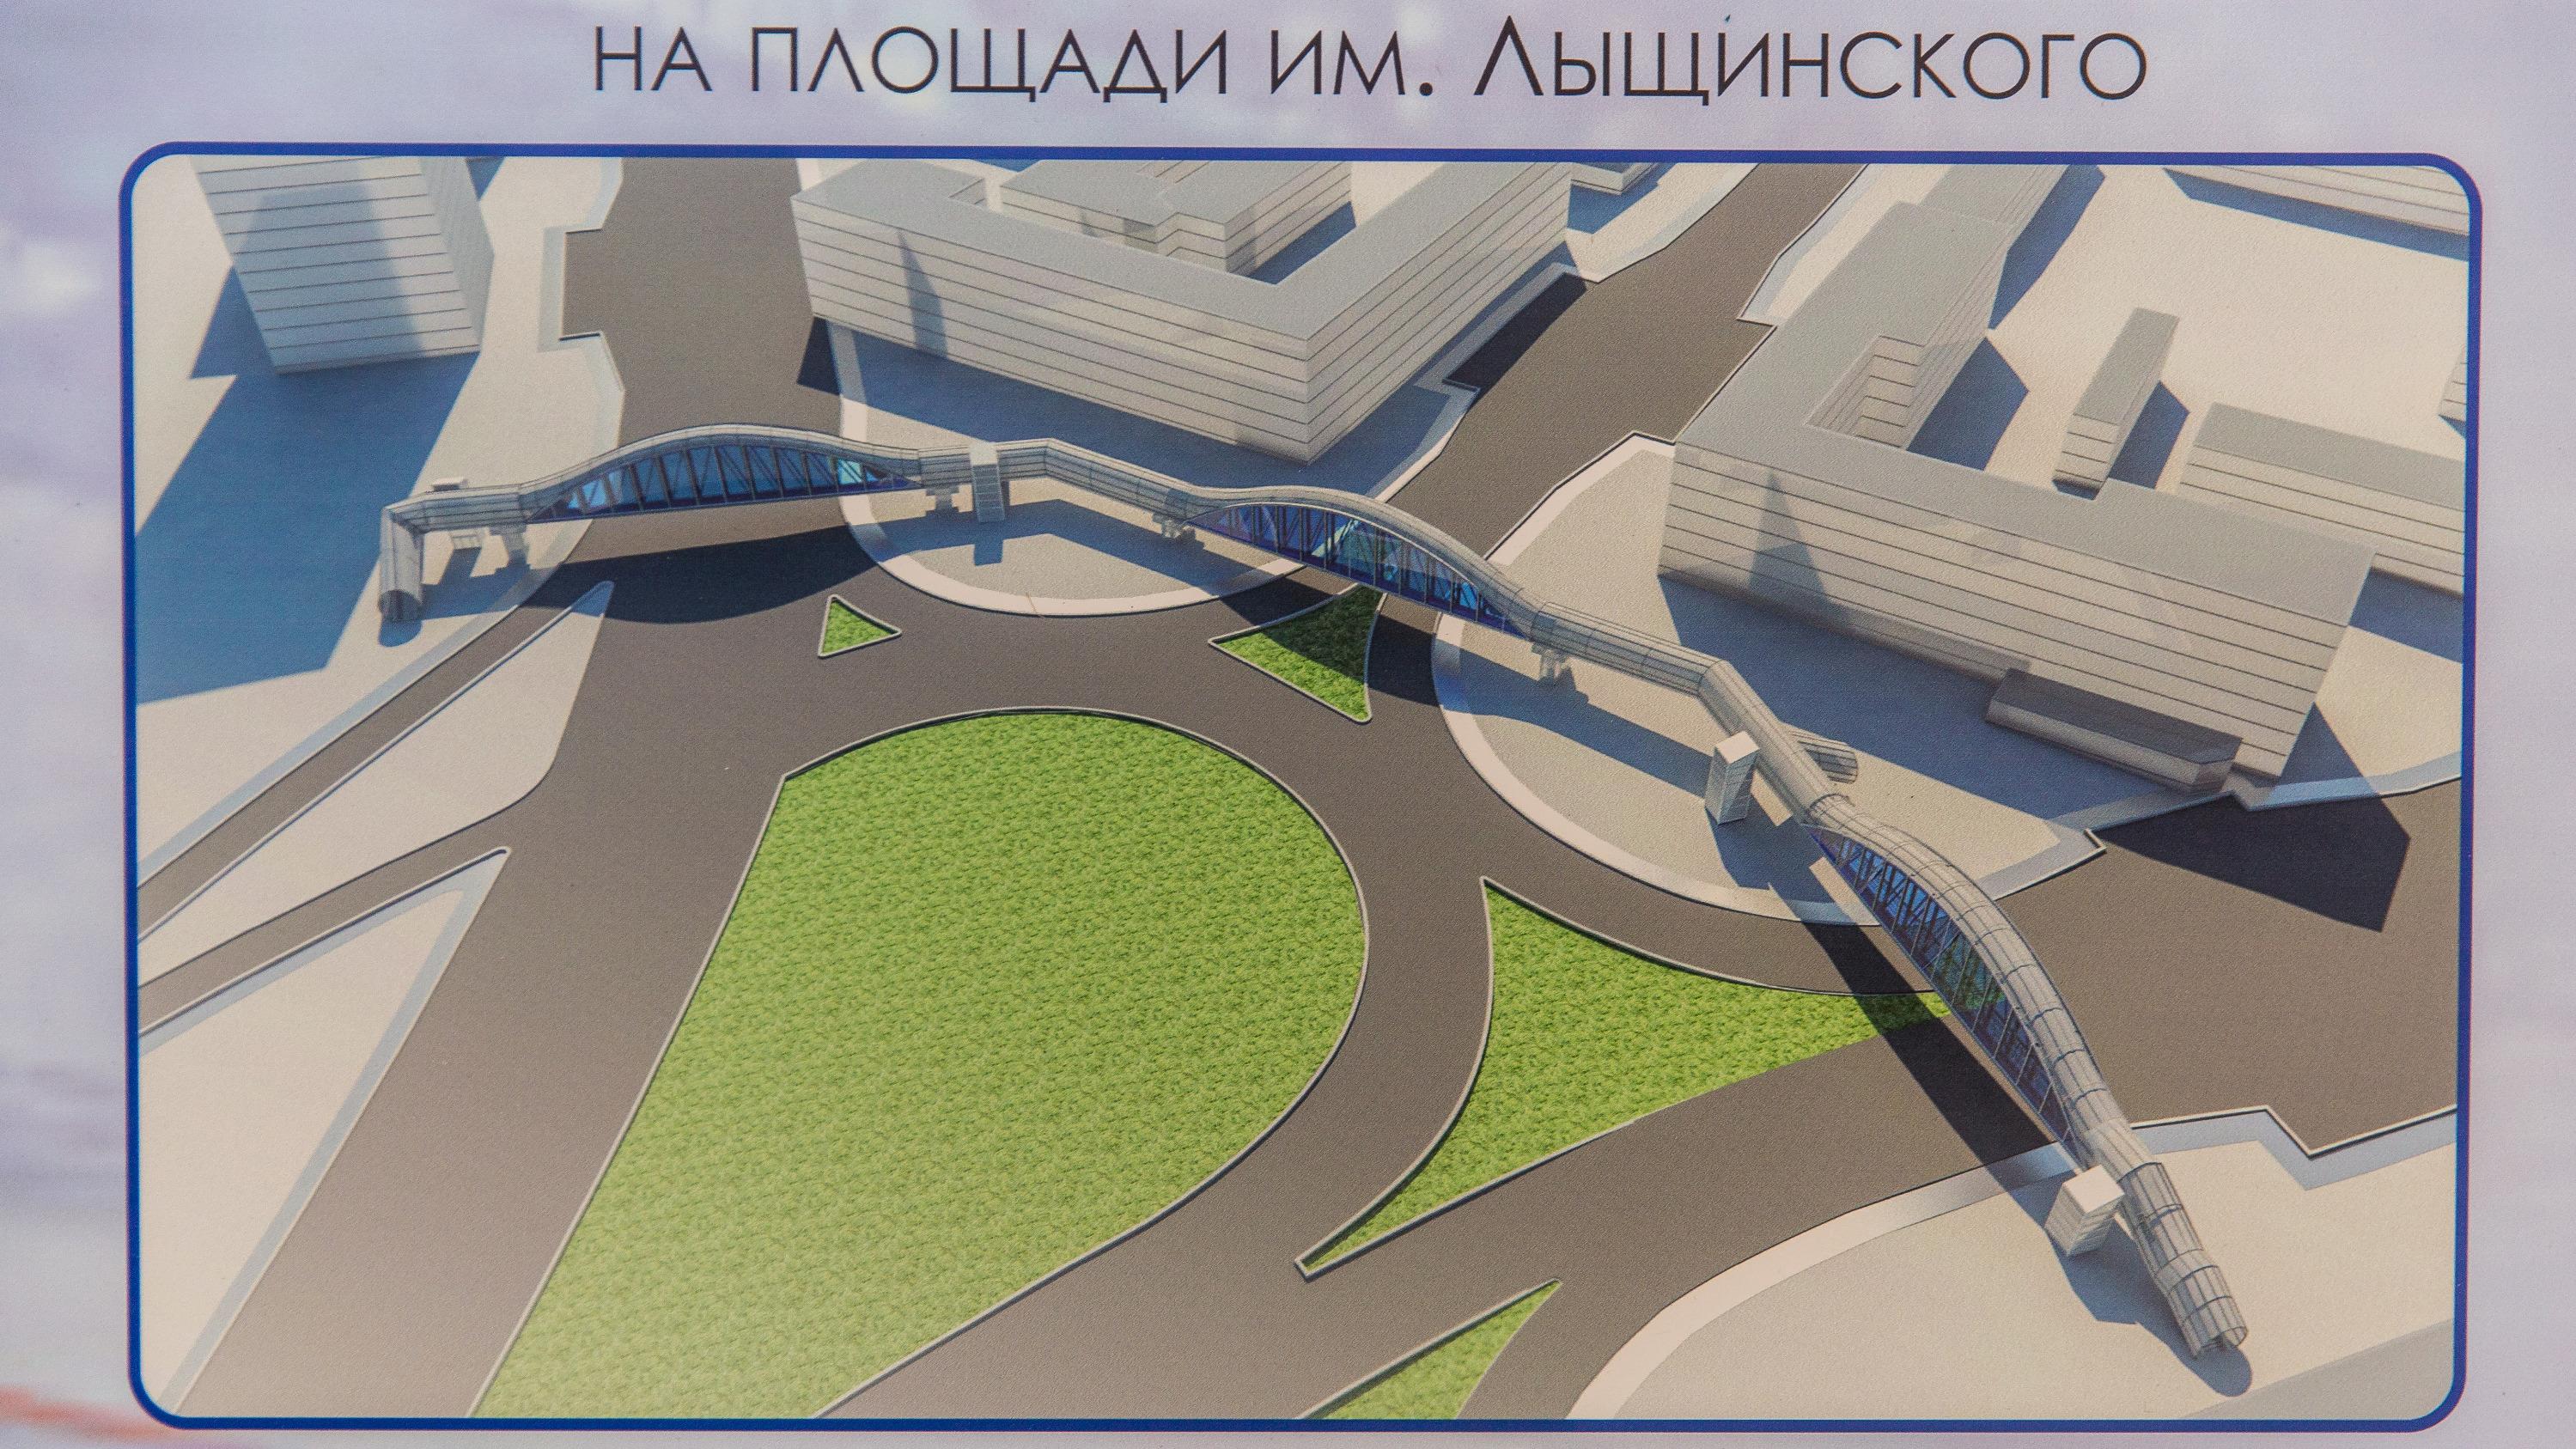 Так после реконструкции должна выглядеть площадь Лыщинского